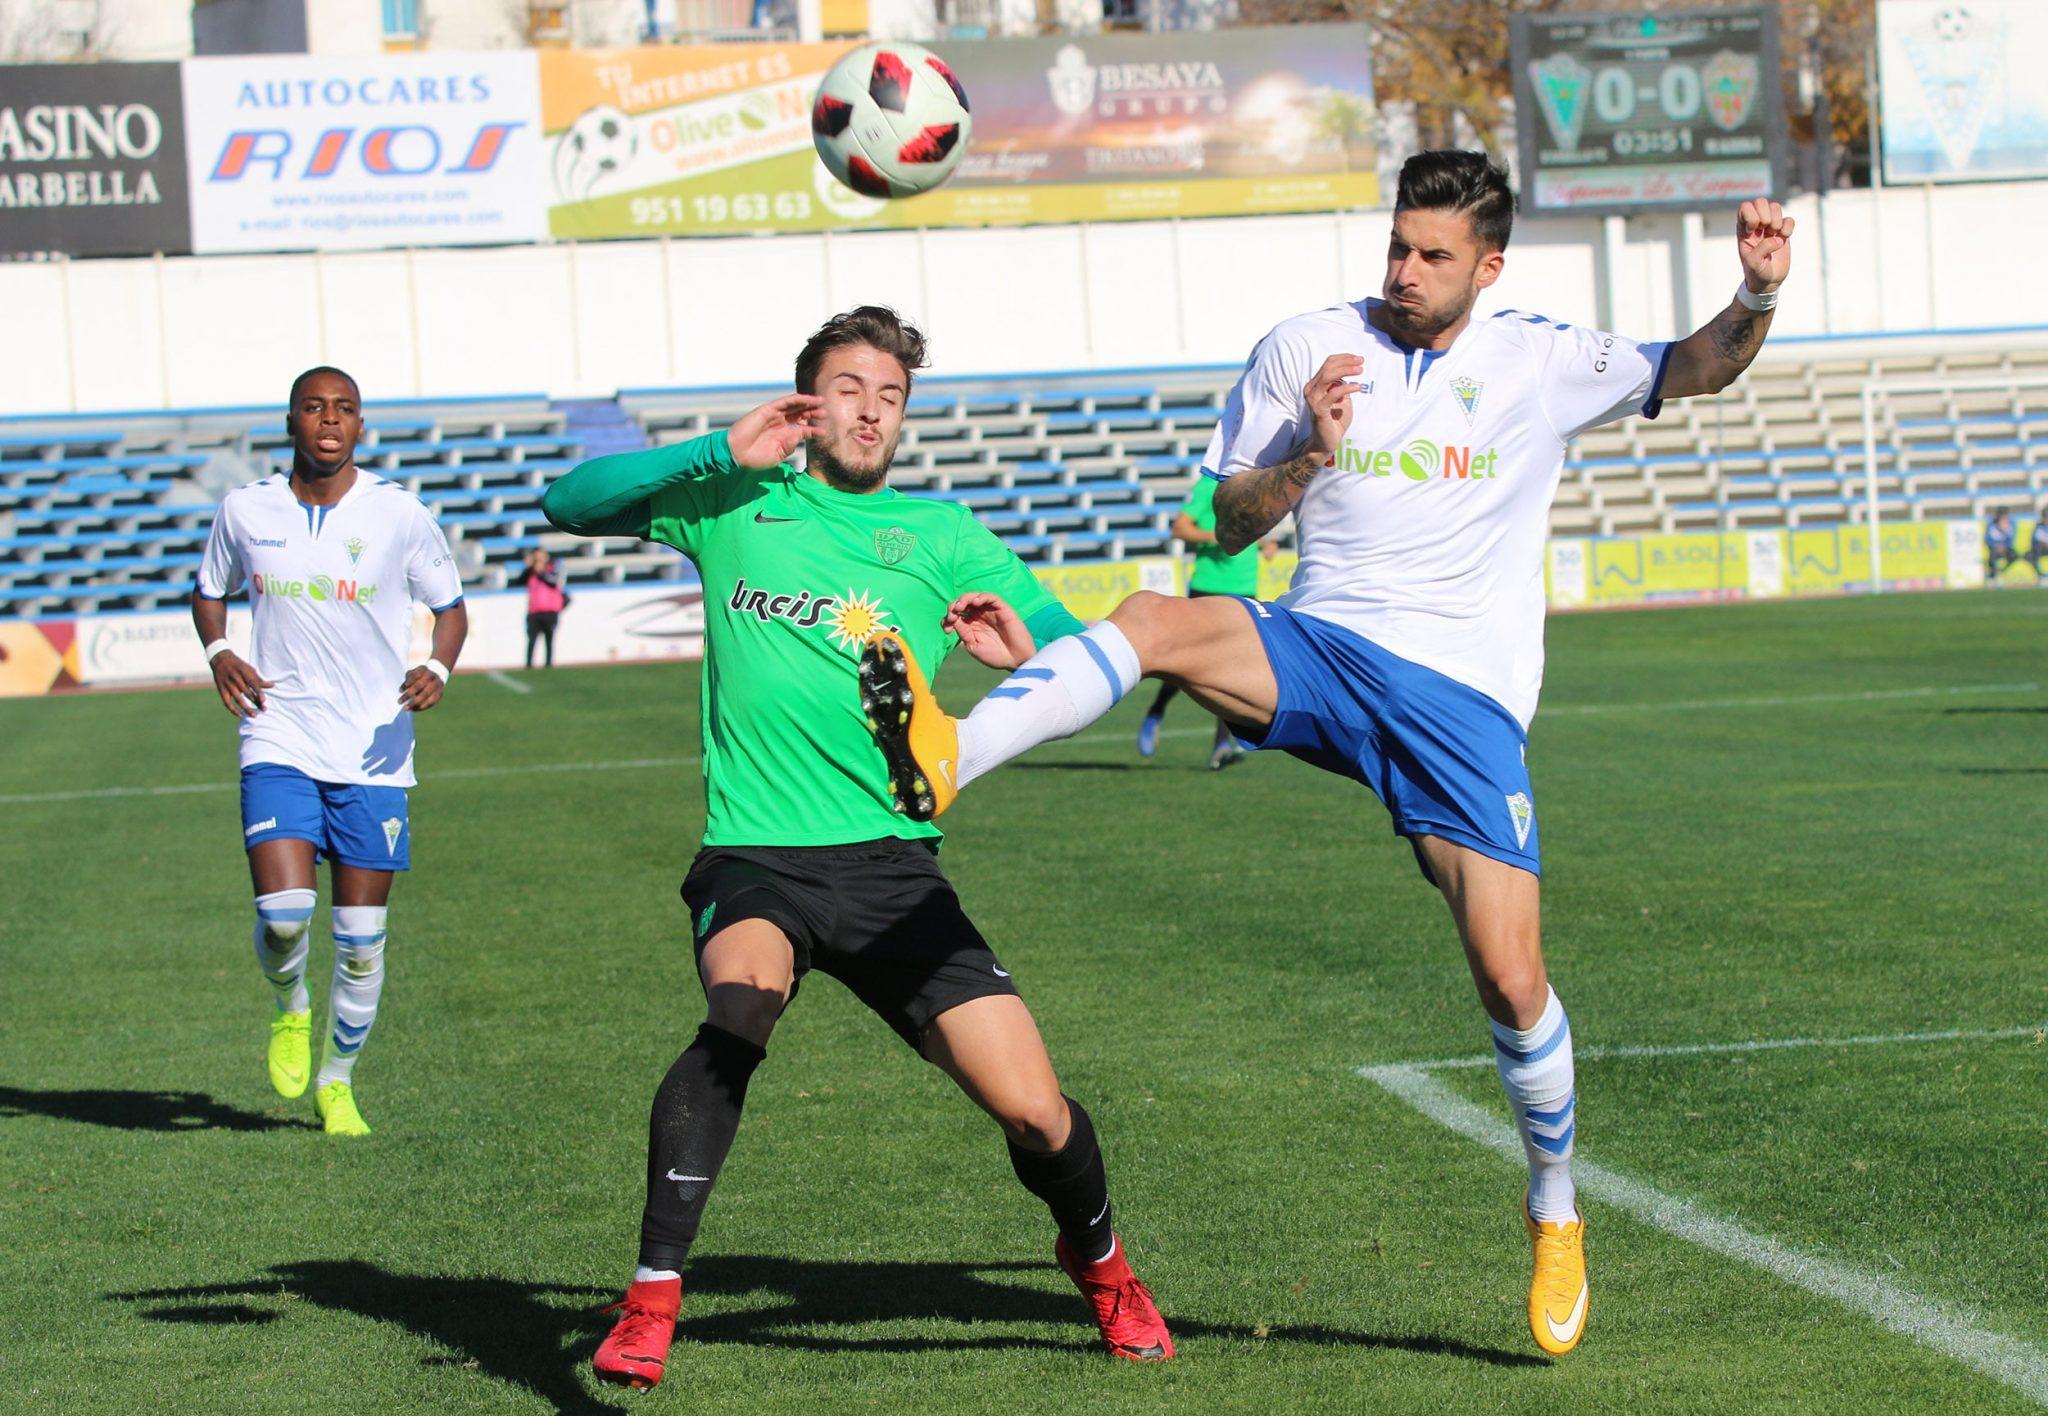 Gran triunfo del Marbella F.C. frente al Almería B (2-0) en la segunda vuelta